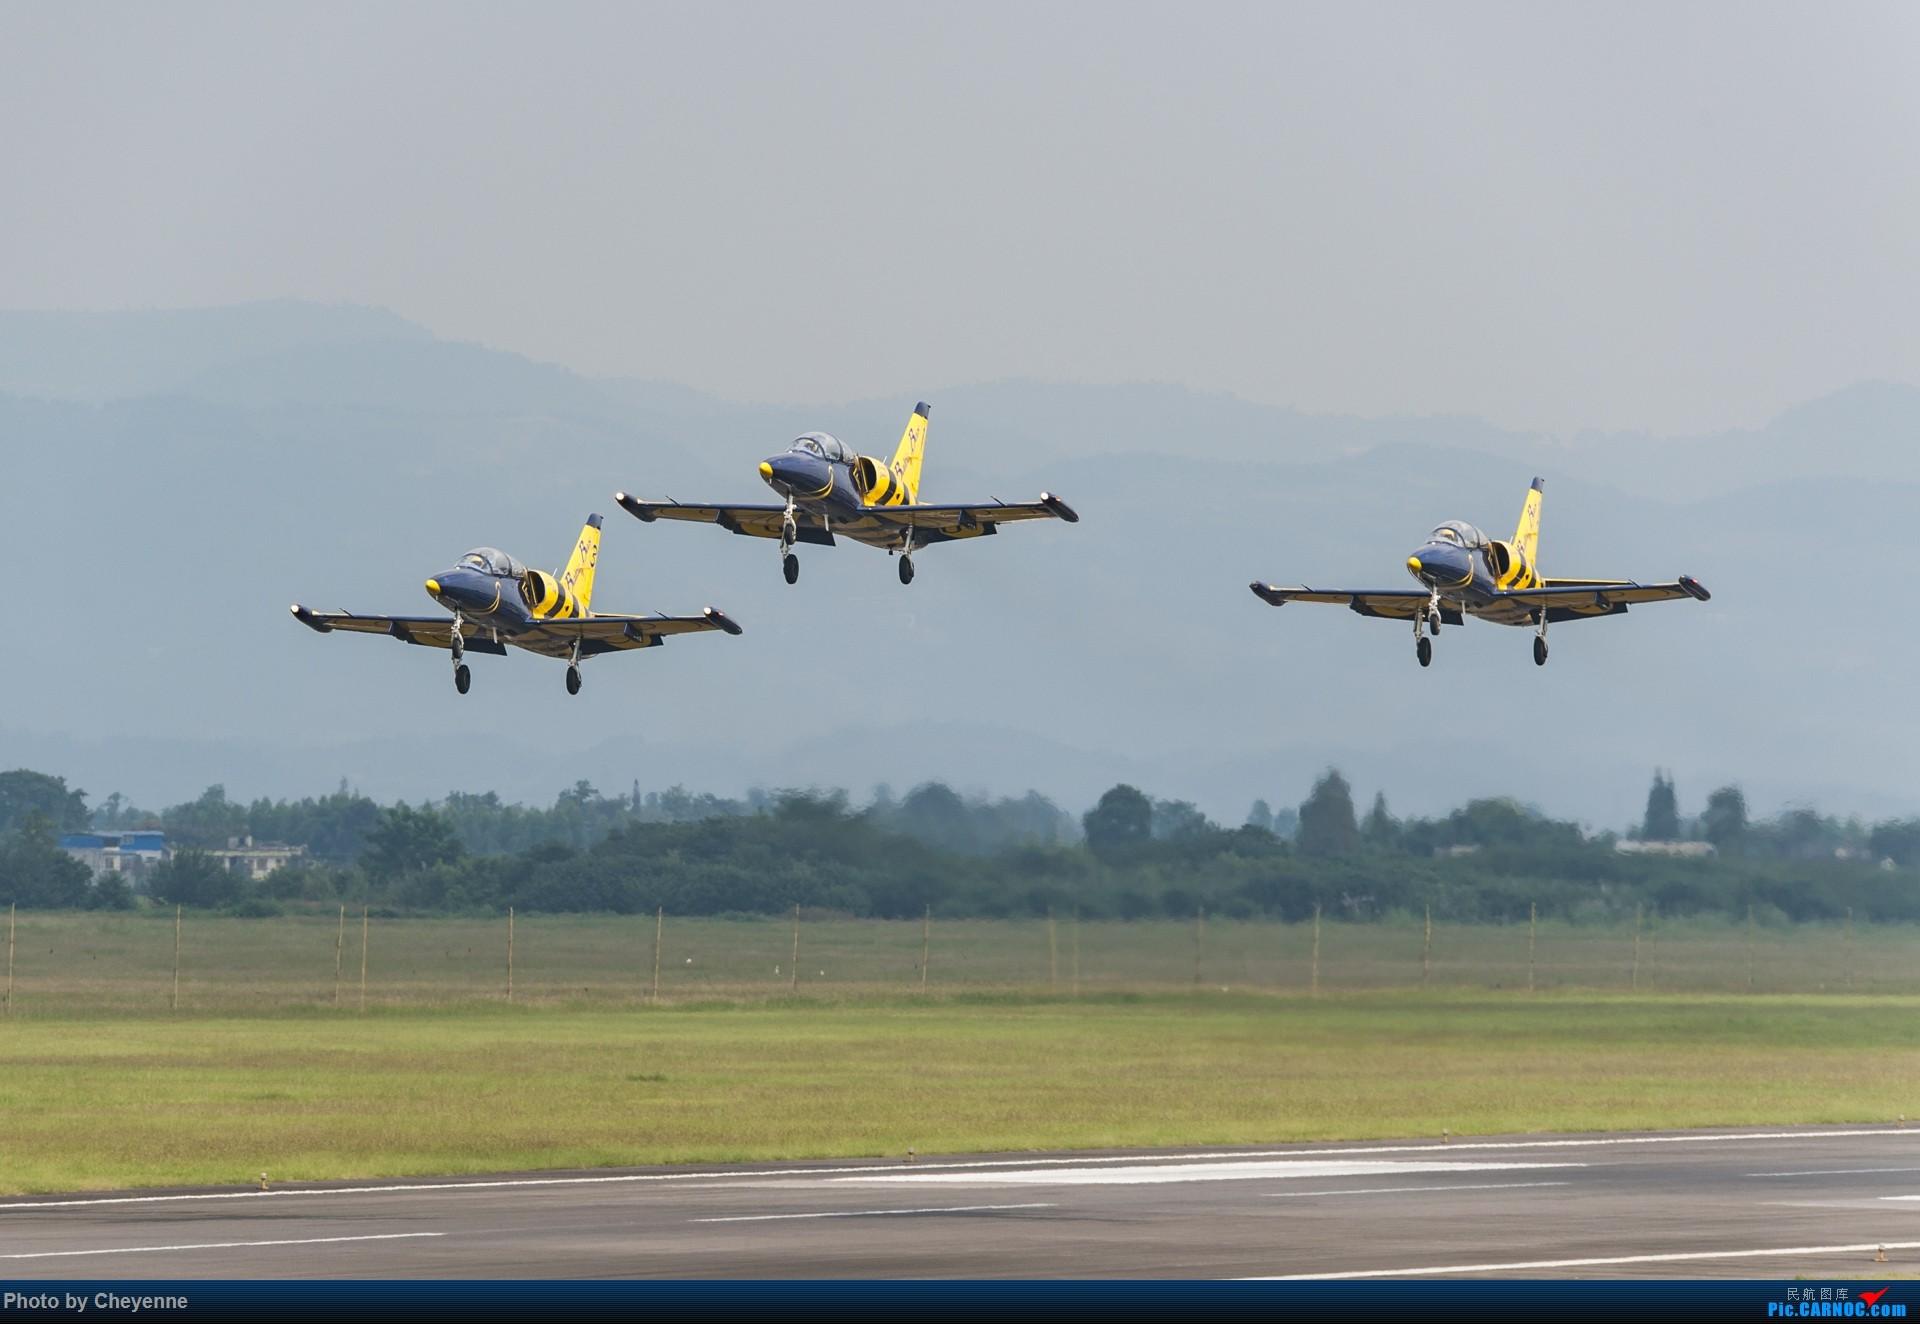 [原创]外面遛遛就好,瞅瞅可爱的华约小蜜蜂 AERO L-39C ALBATROS YL-KSH 中国广汉机场